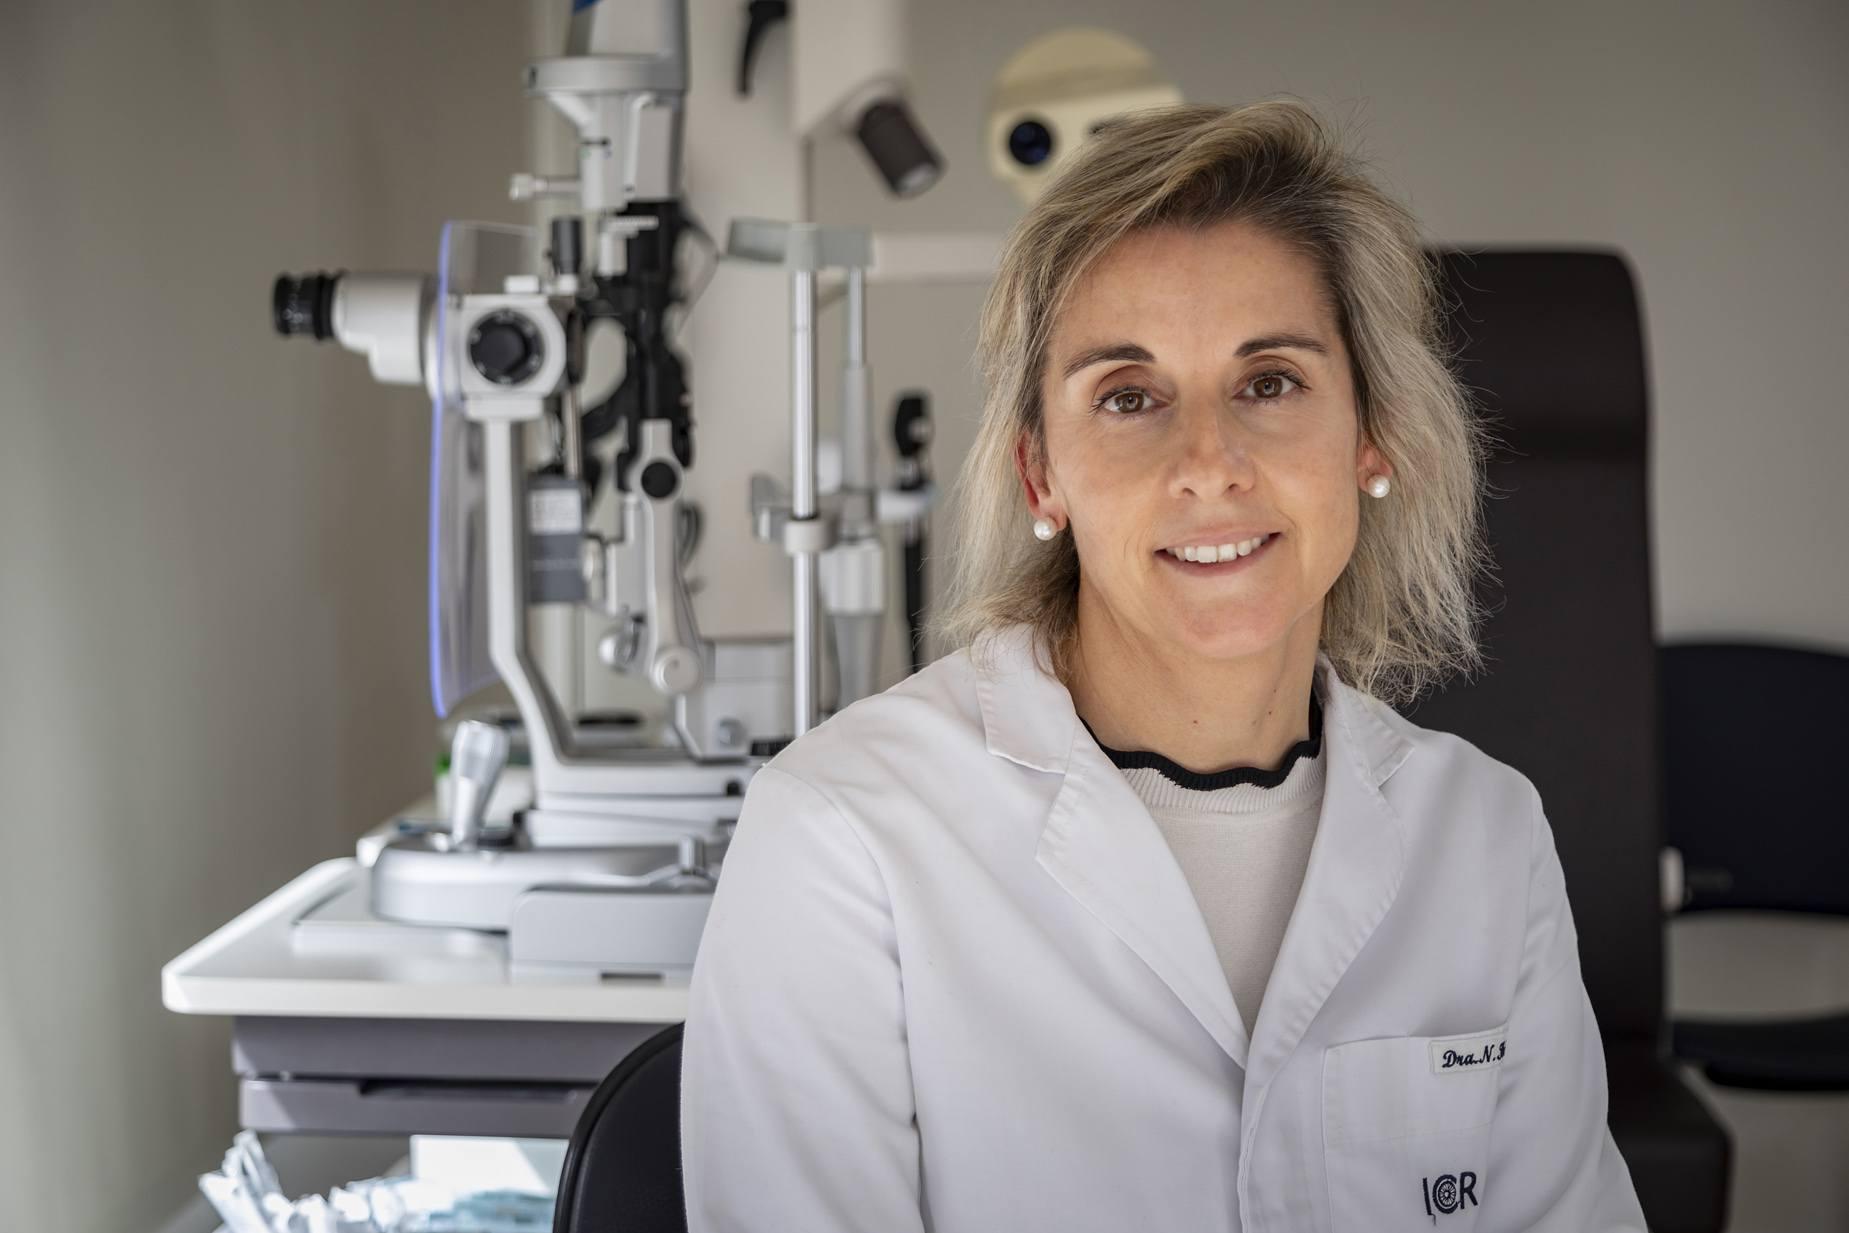 La Dra. Ibáñez publica un artículo sobre enfermedad de Bowen palpebral en la revista Annals d'Oftalmologia